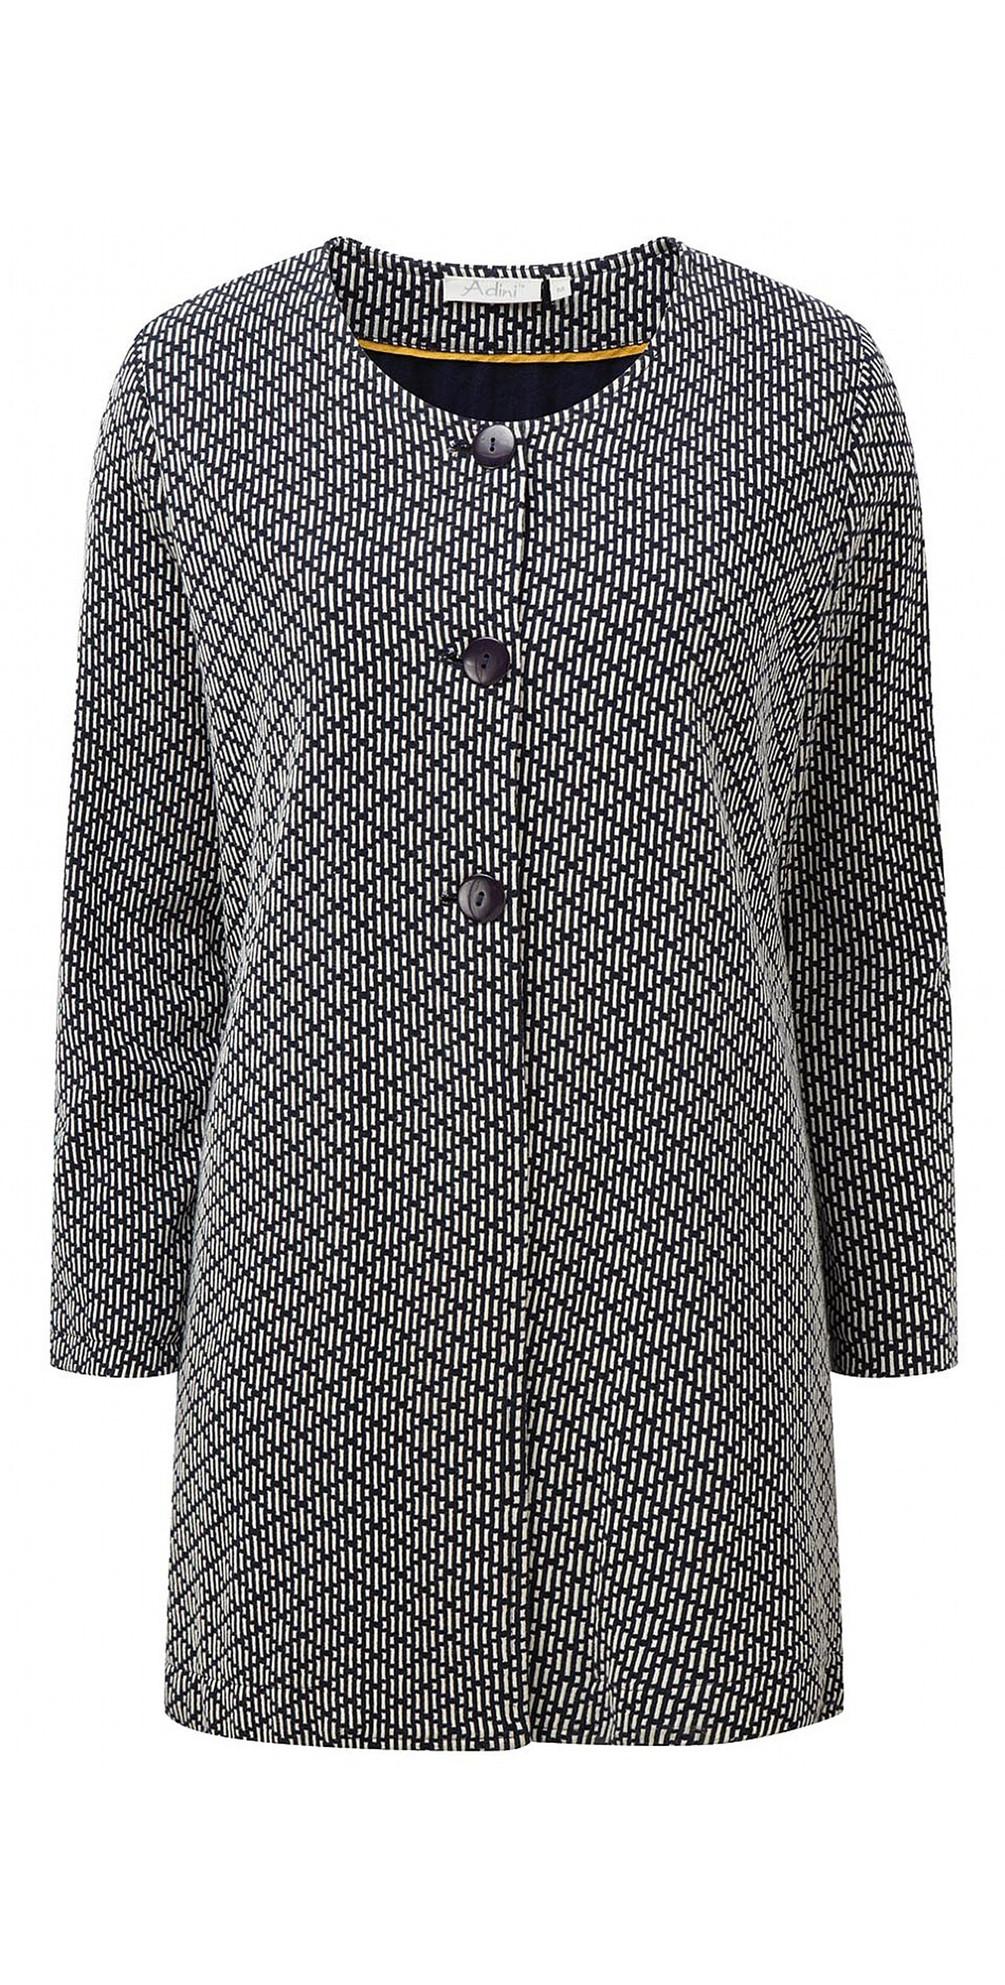 Brompton Weave Onslow Coat main image